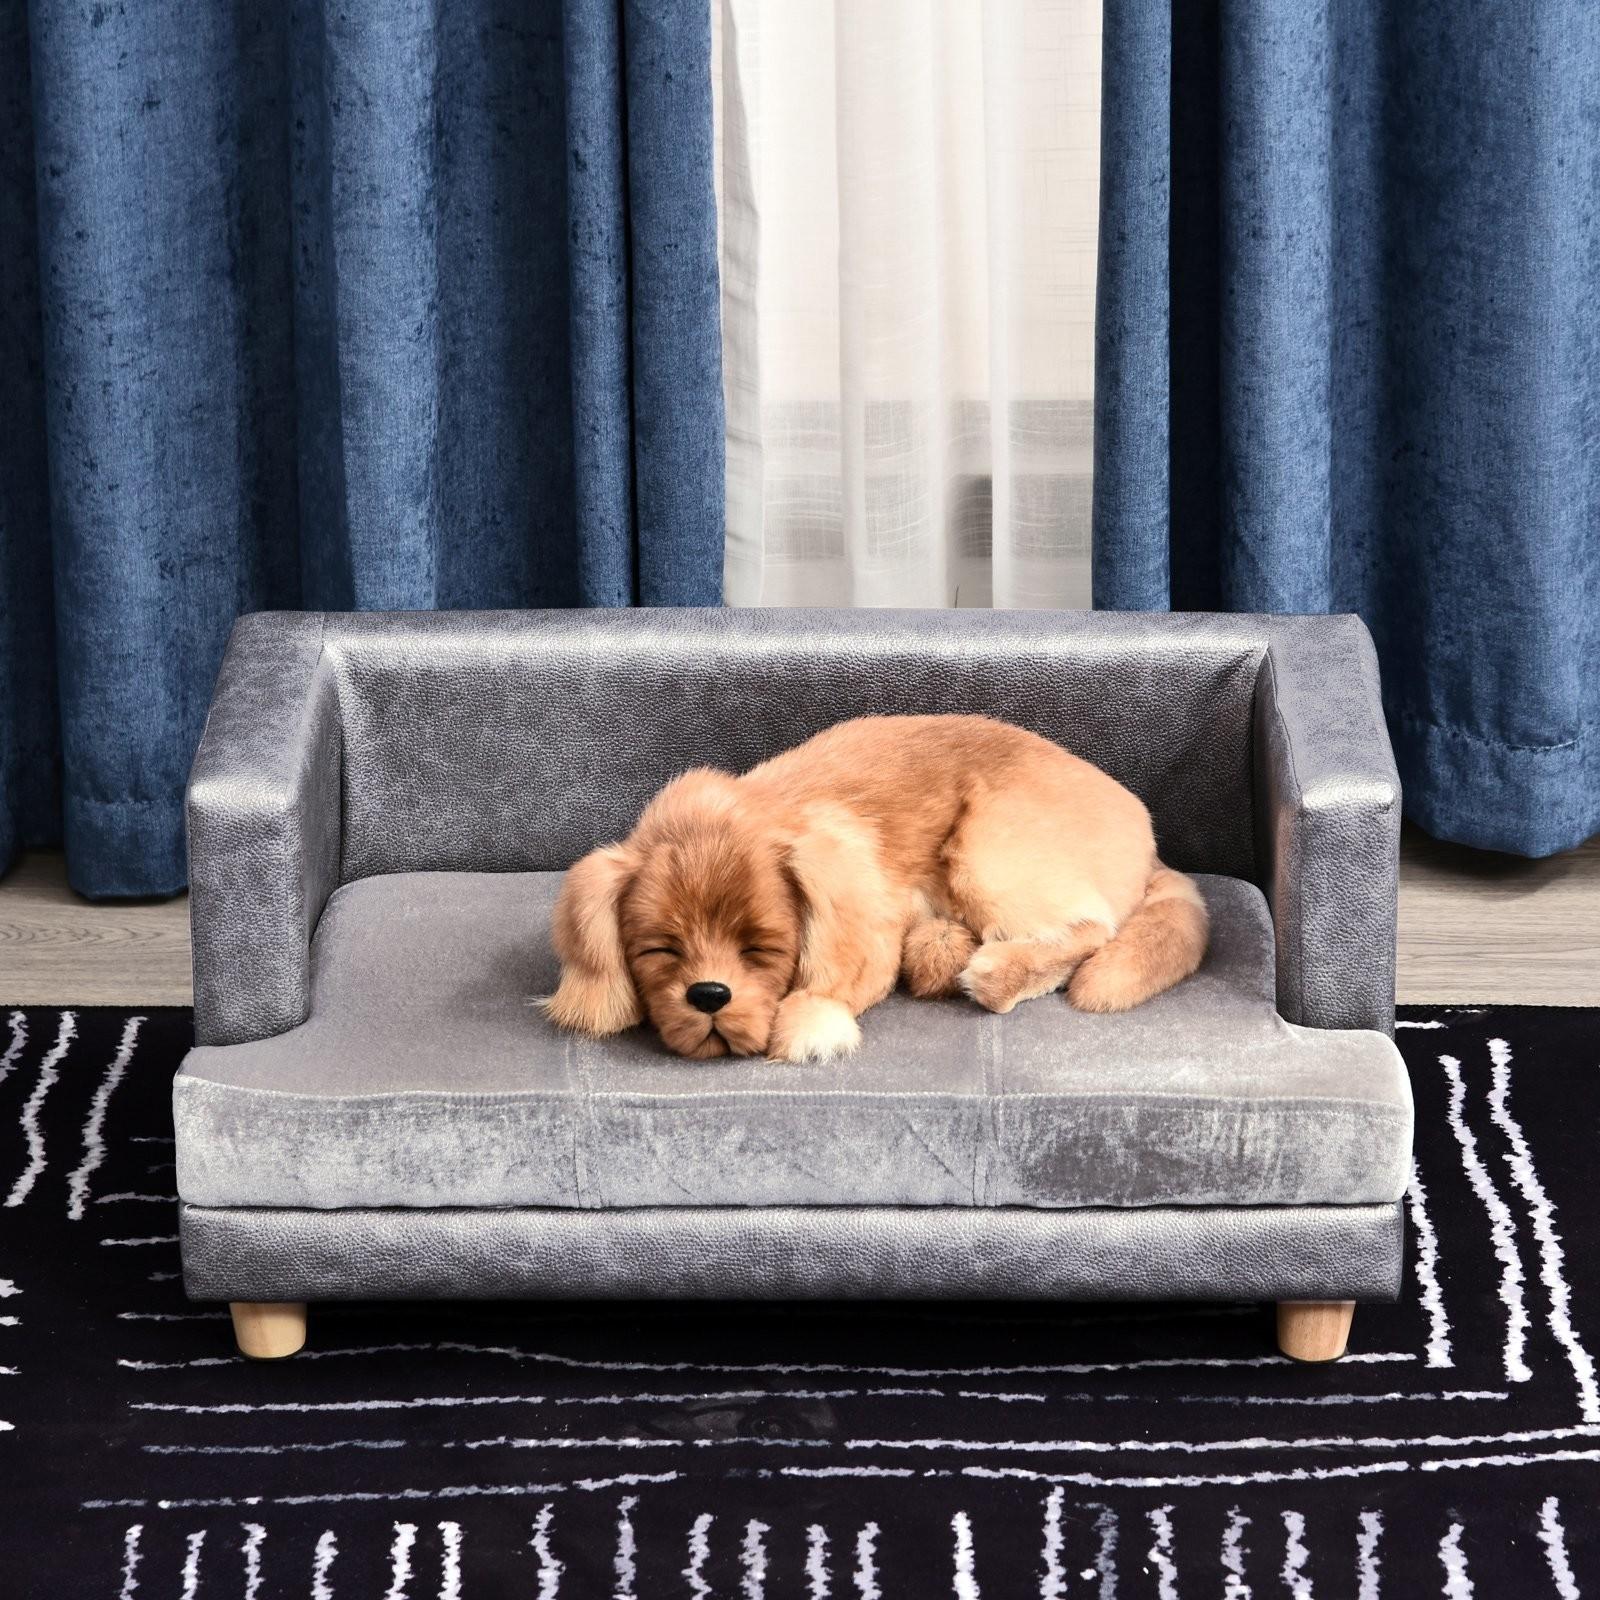 PawHut Sofa dla Psa Zwierząt Domowych Łóżko Legowisko Mata Salon Ekoskóra Plusz Szary - 1 zdjęcie